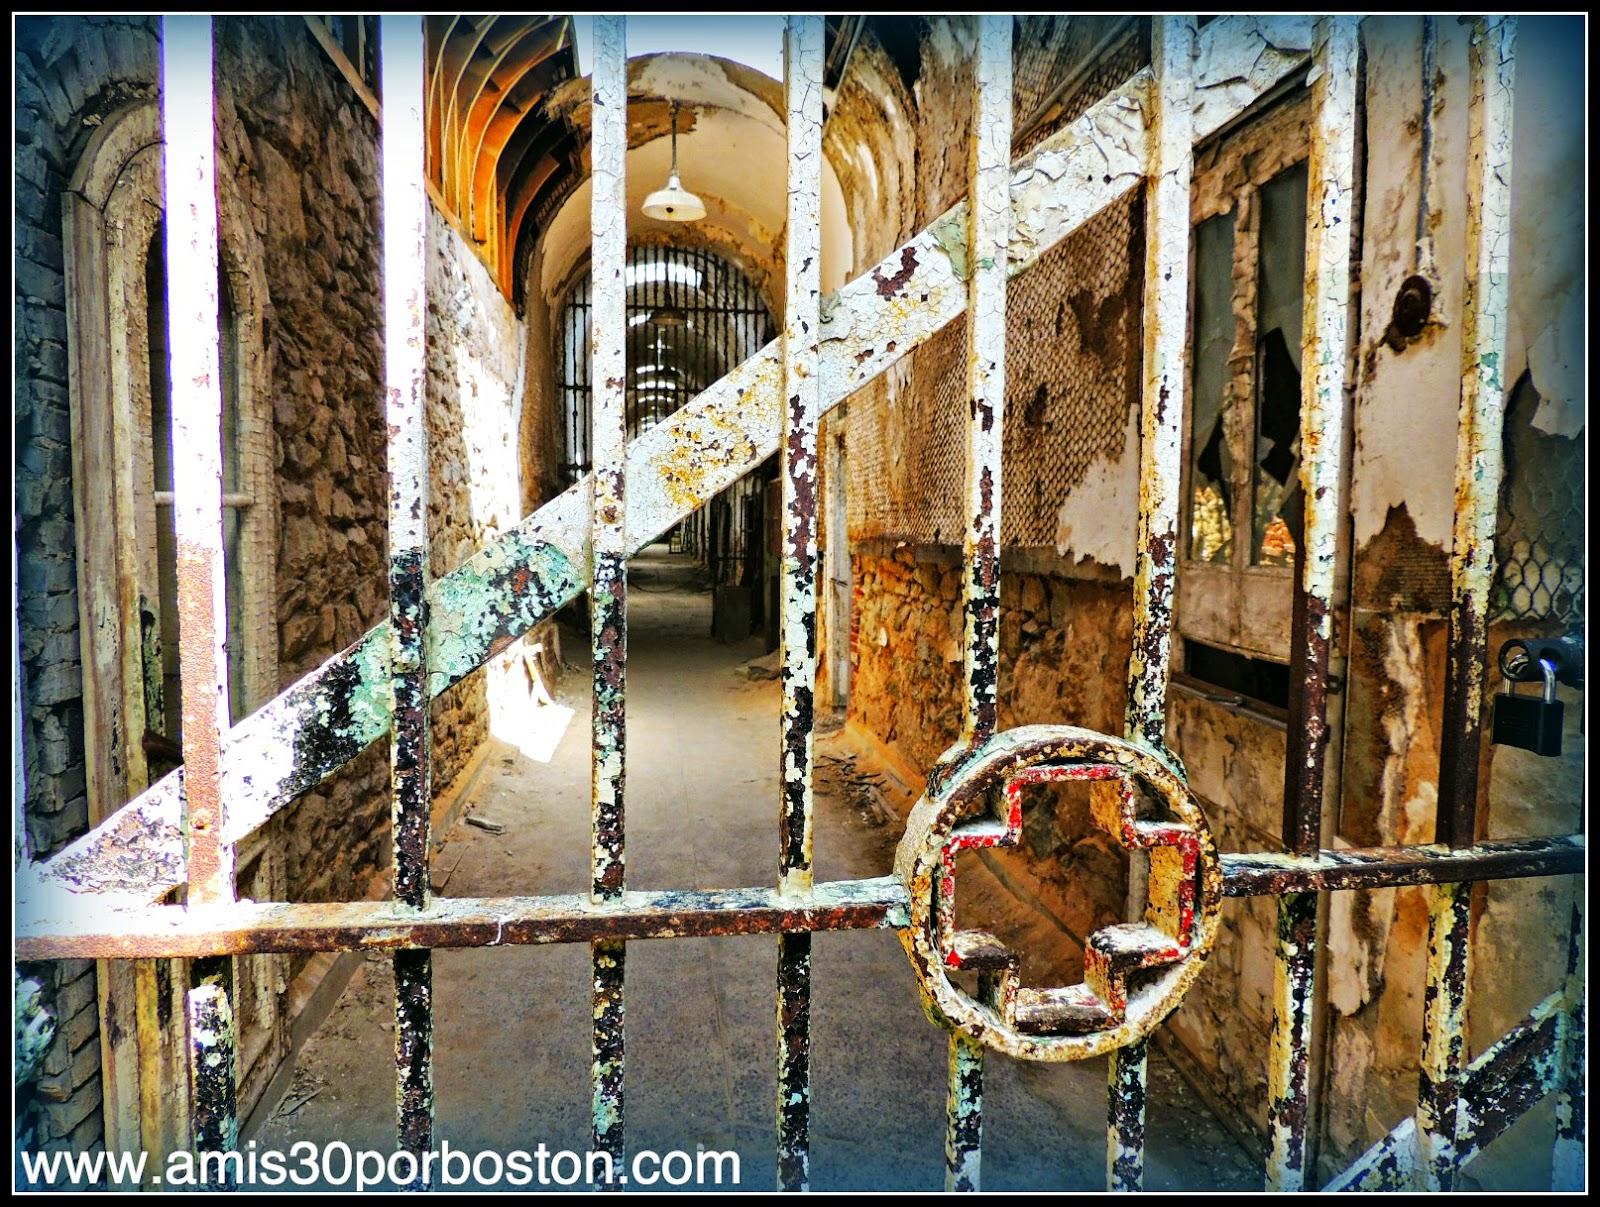 Destinos Más Terroríficos Para Pasar Una Noche De Miedo: Eastern State Penitentiary